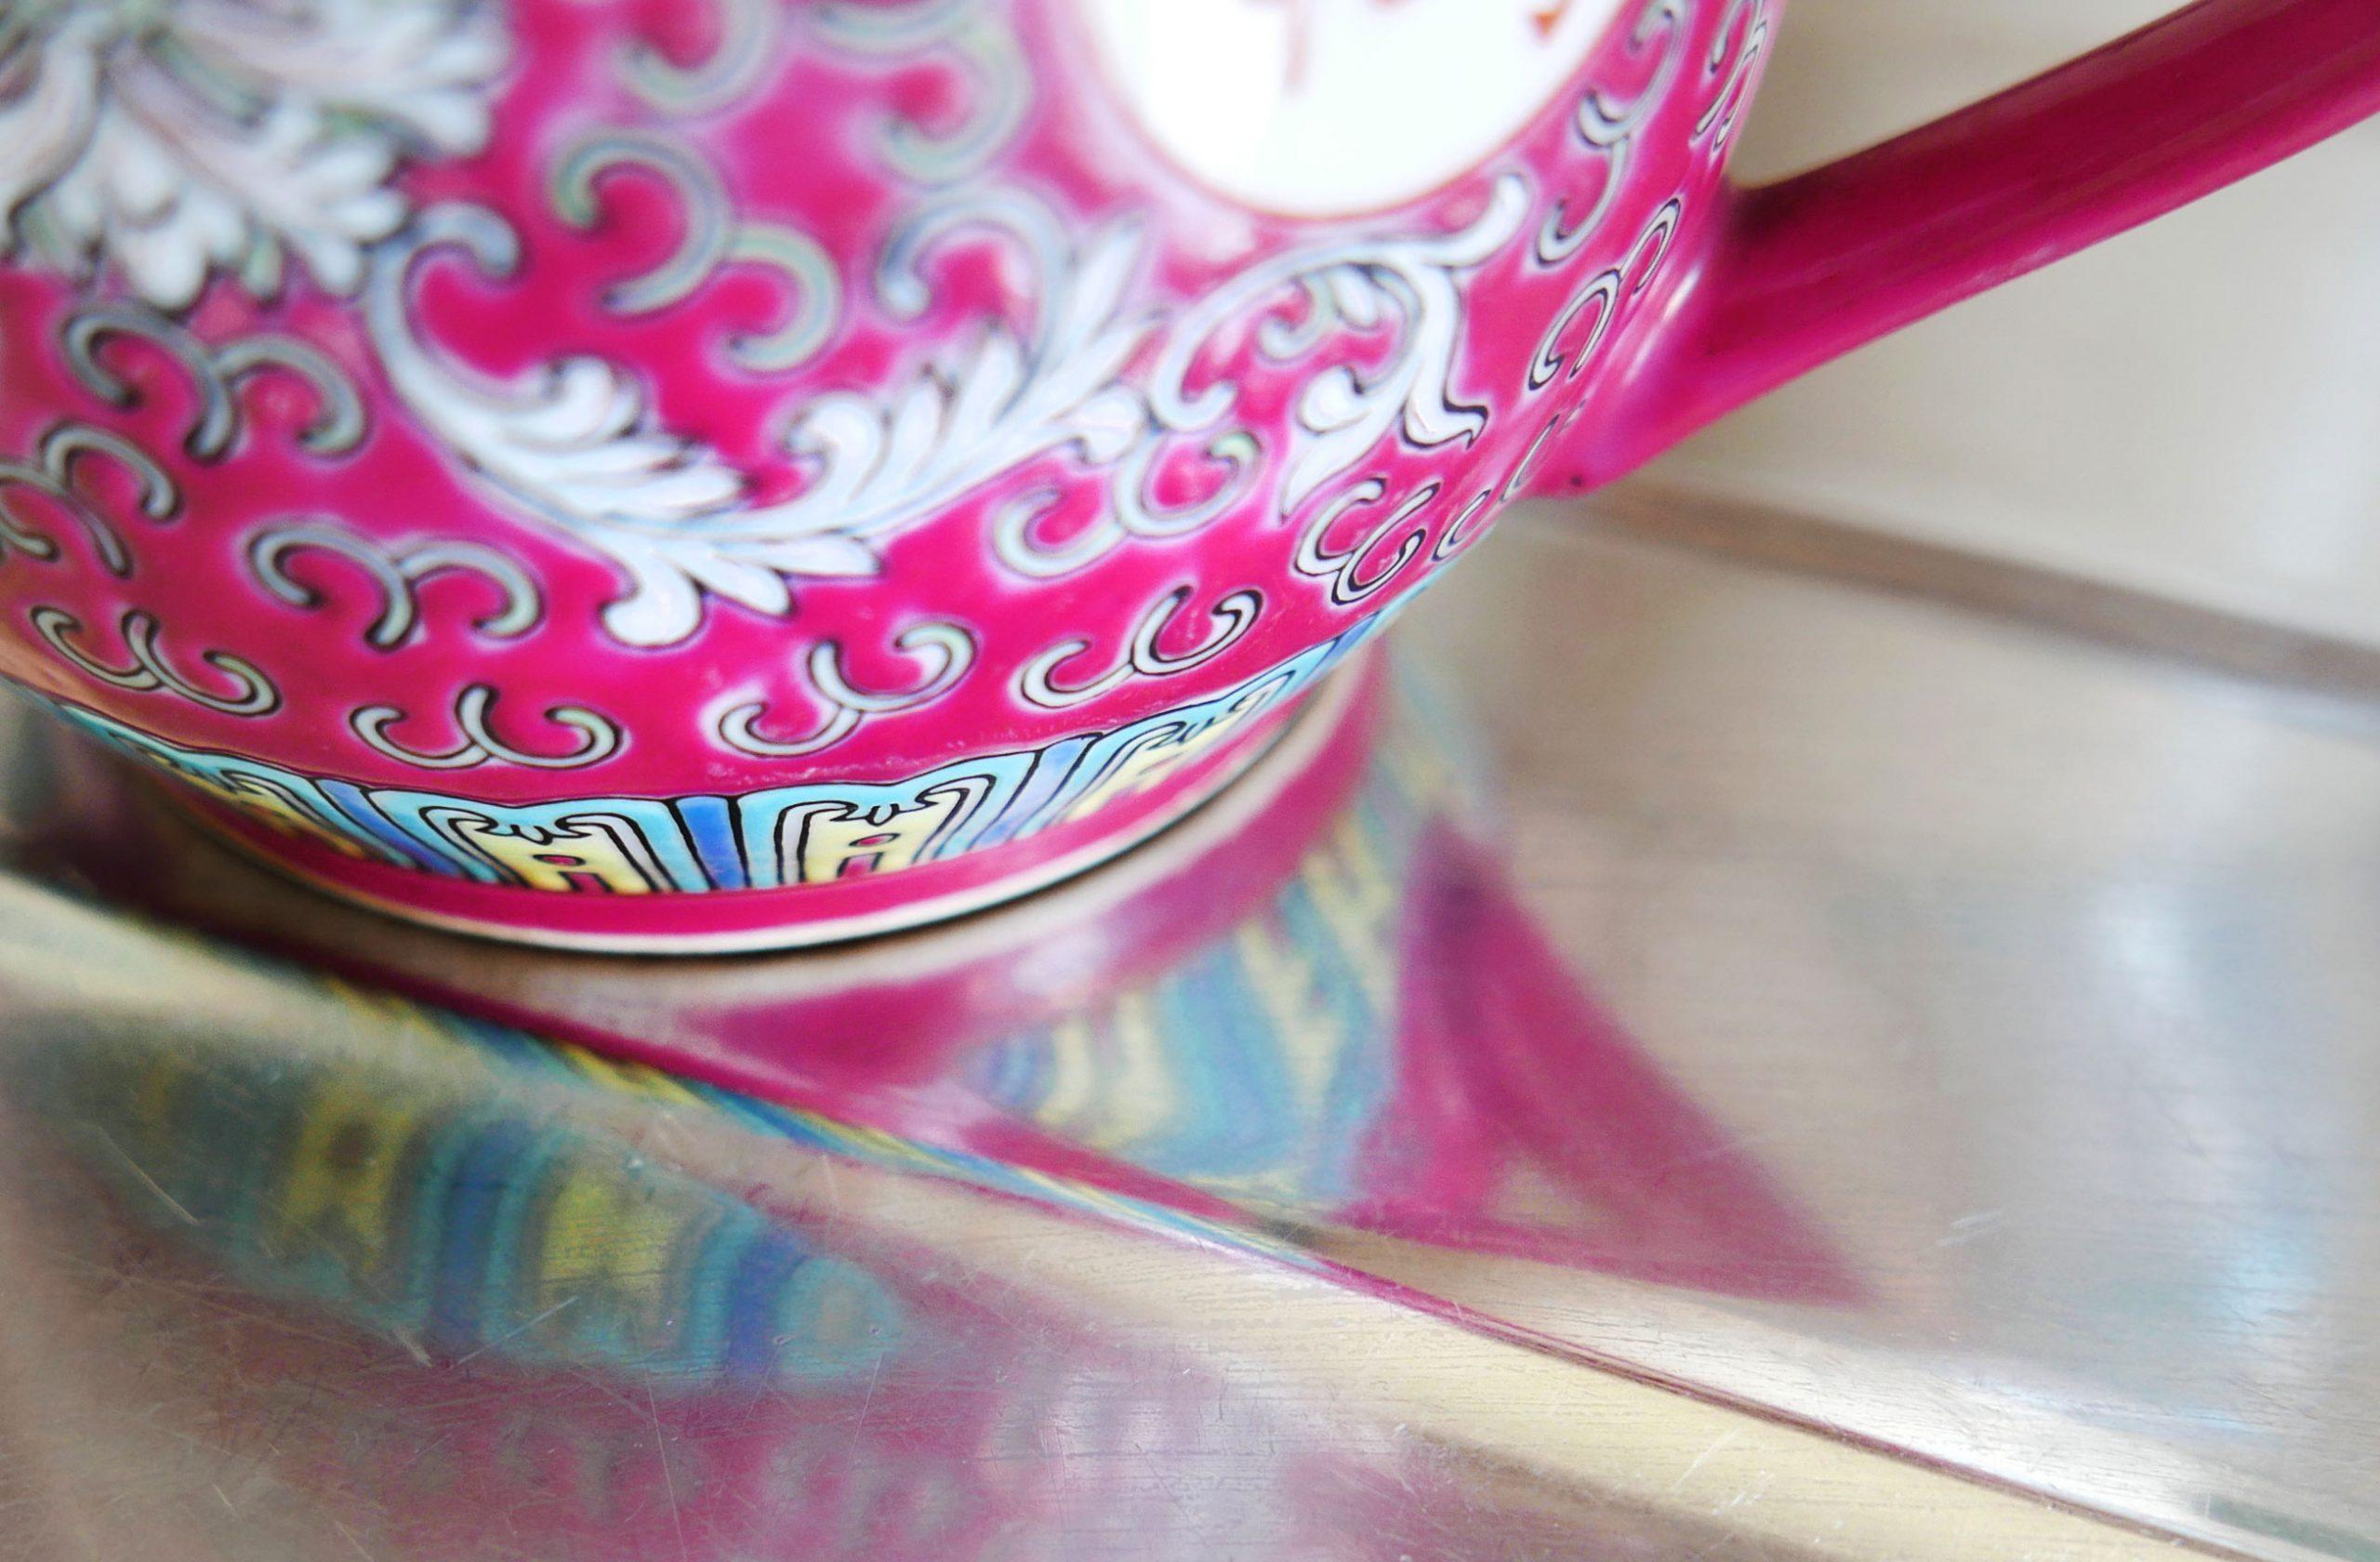 Slow Design Reflexionen Spiegelung einer chinesischen Teekanne